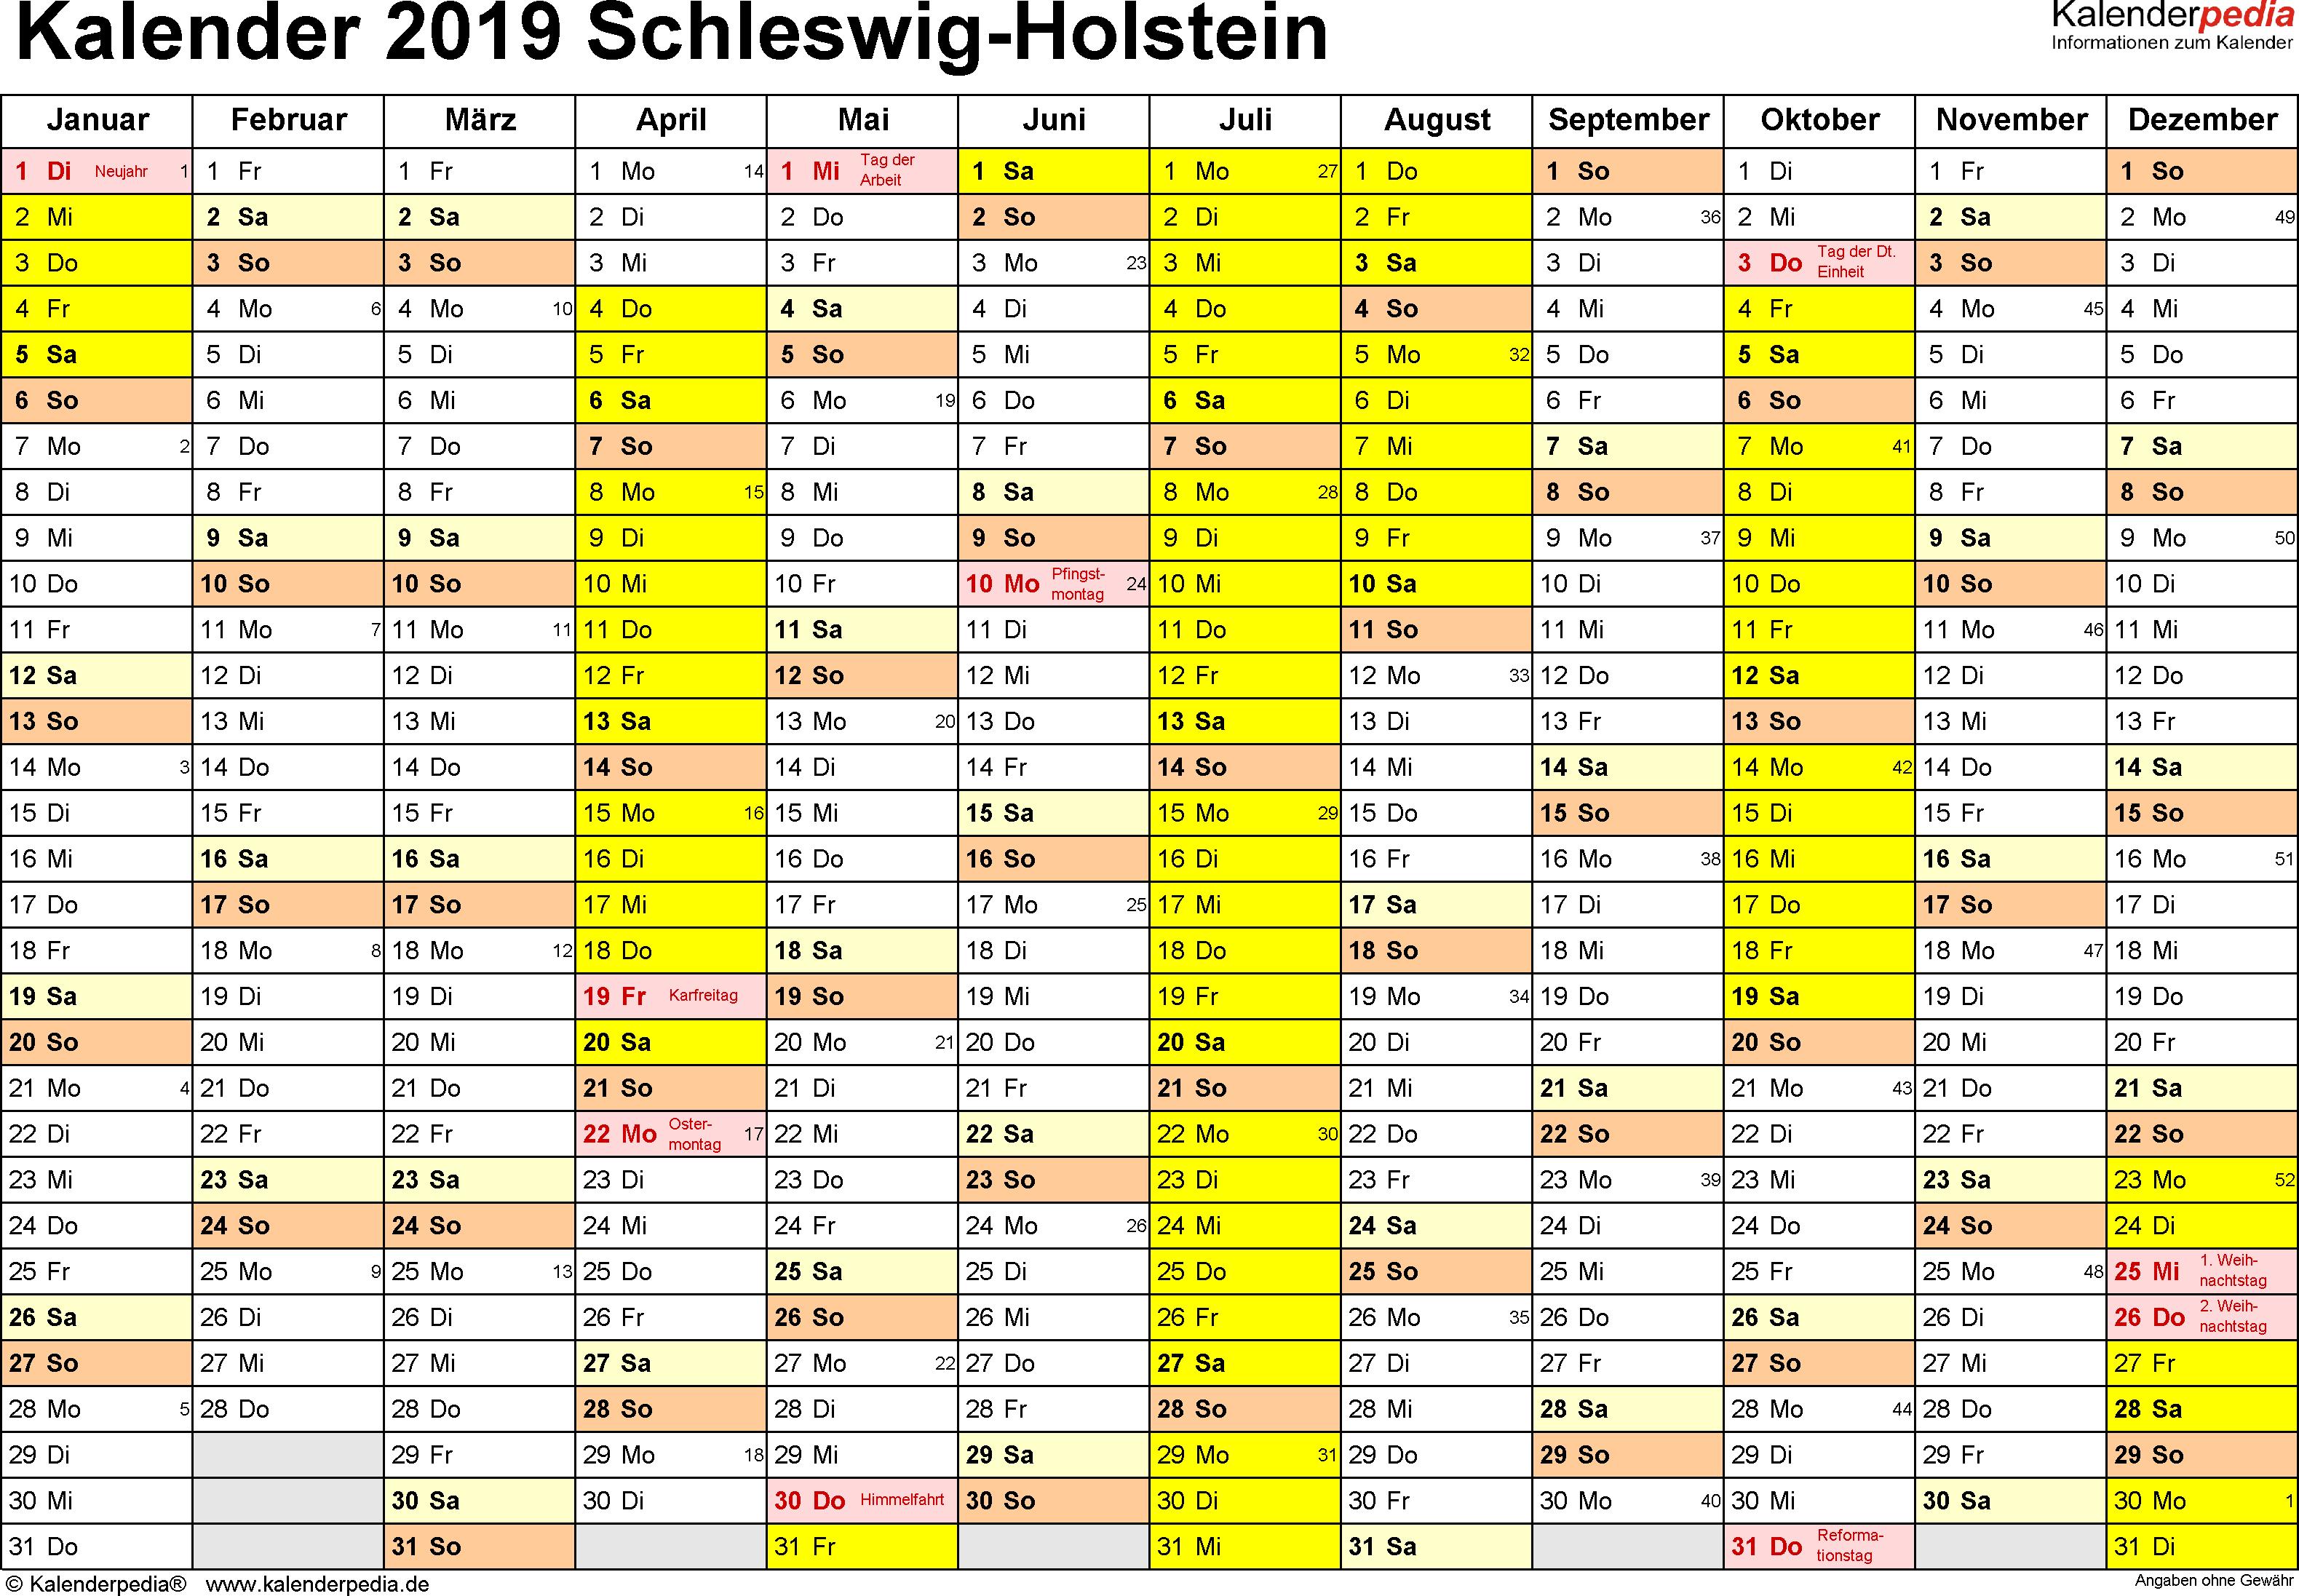 Vorlage 1: Kalender 2019 für Schleswig-Holstein als PDF-Vorlage (Querformat, 1 Seite)